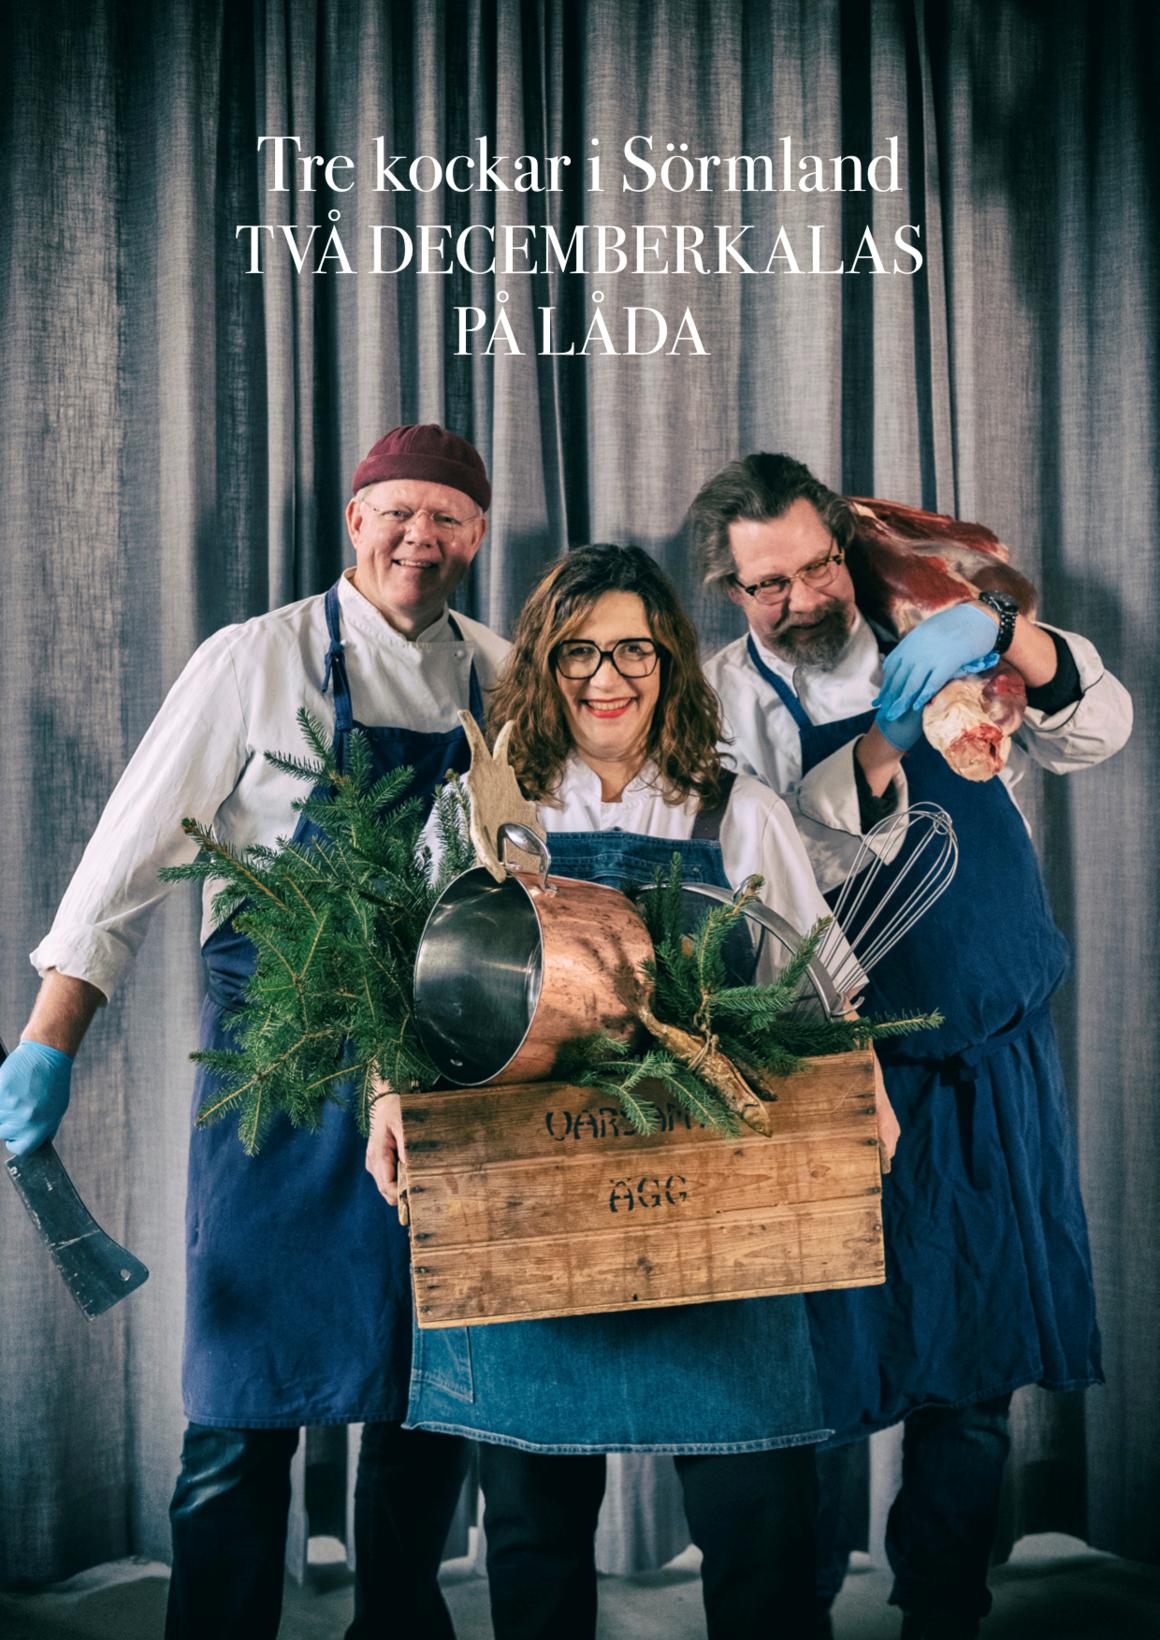 Tre Kockar i Sörmland är Patrik Arneke, Maria Printz och Lasse Dahlén